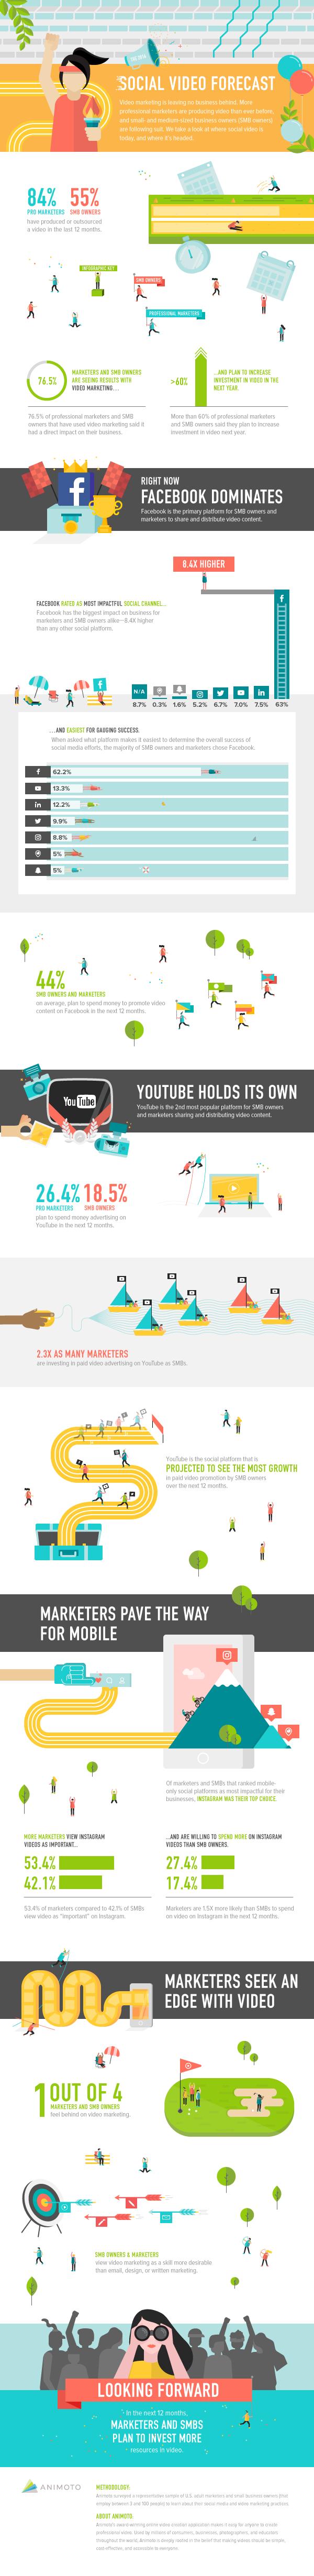 infographie vidéo marketing réseaux sociaux